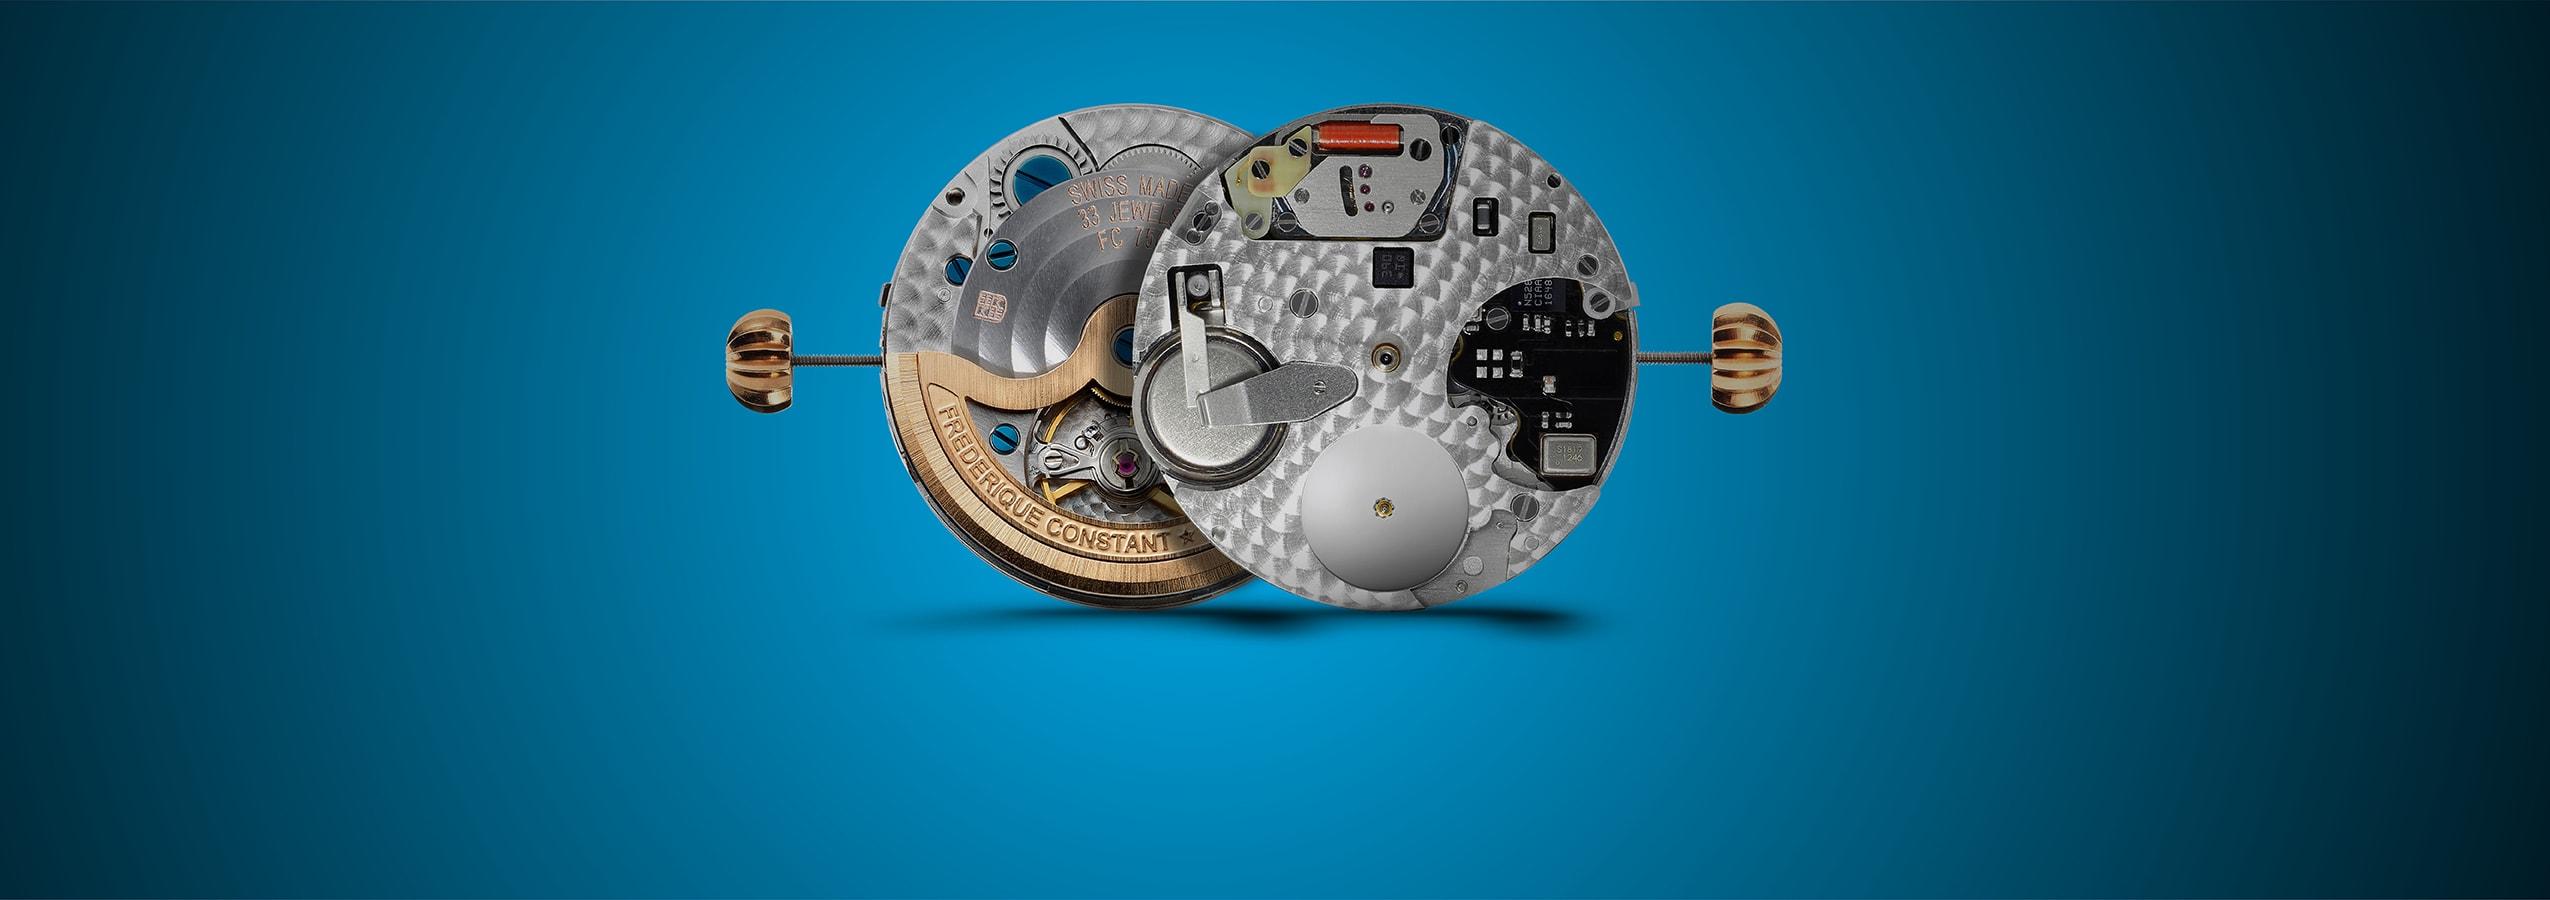 Hybrid Manufacture stačí spárovat s příslušnou aplikací a poté k  automatickým hodinkám přidávají funkce smartwatch 7d09341642